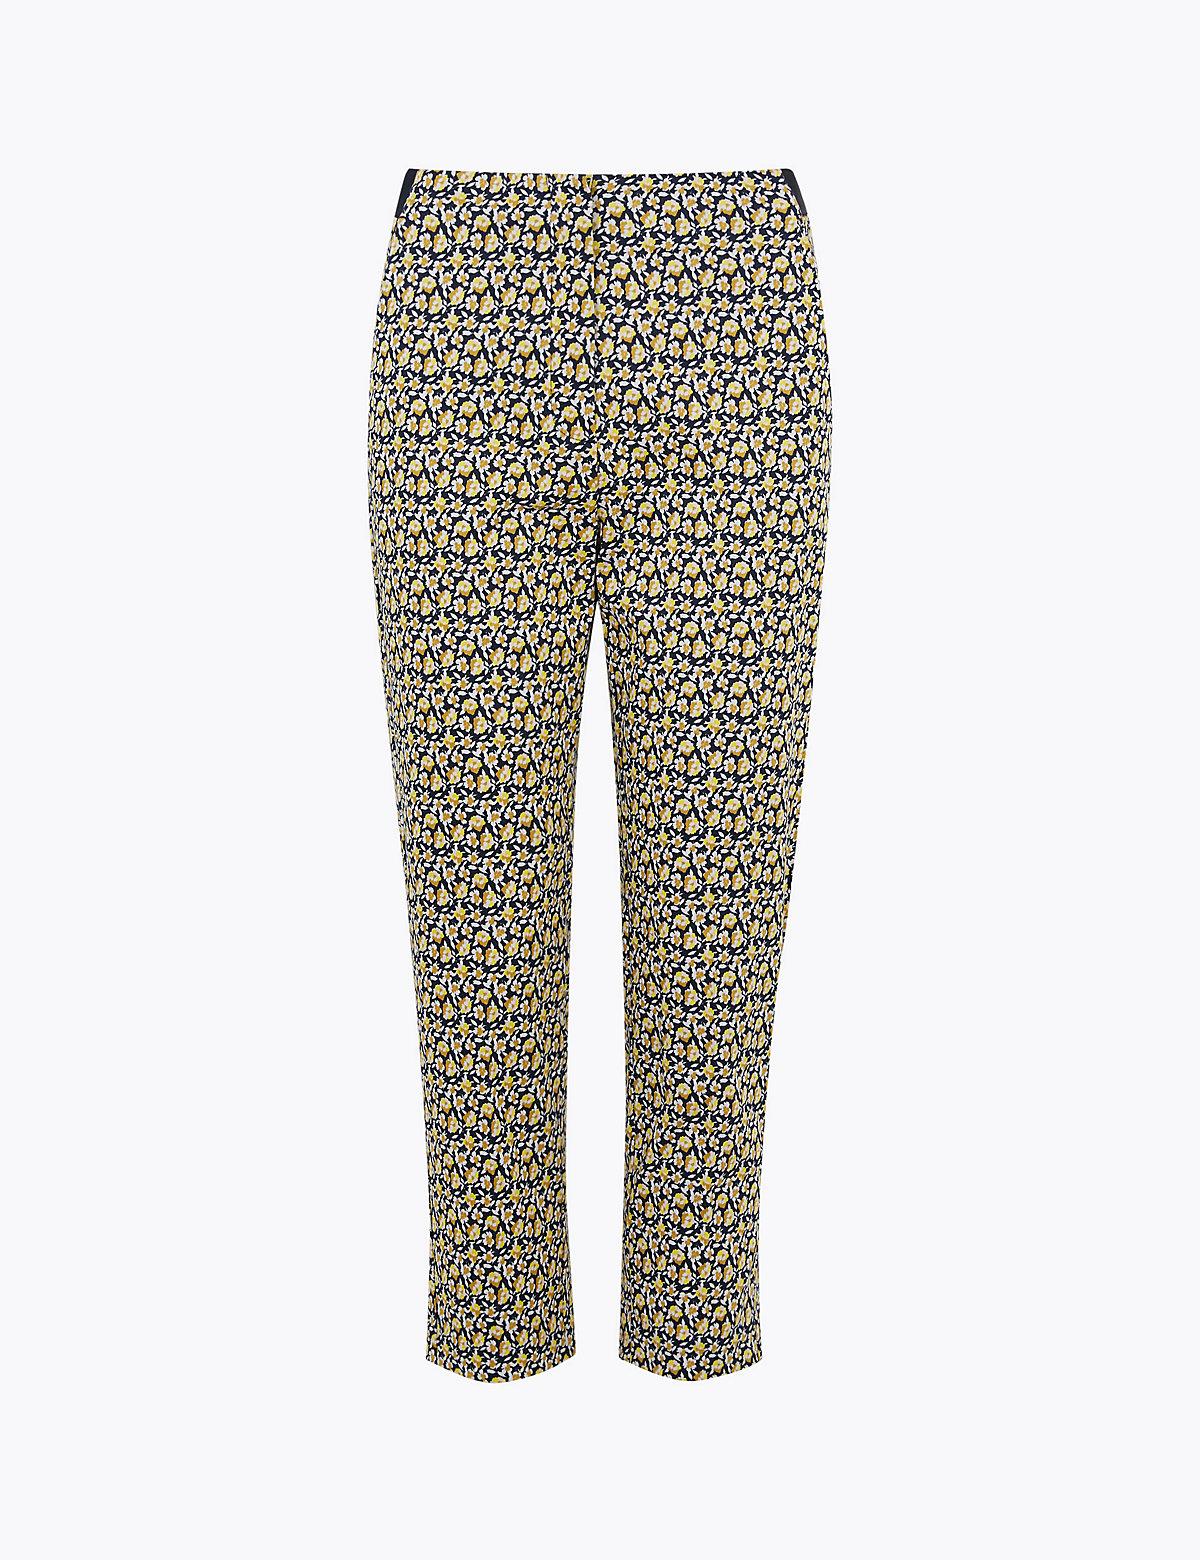 Узкие укороченные брюки Mia из хлопка с цветочным принтом